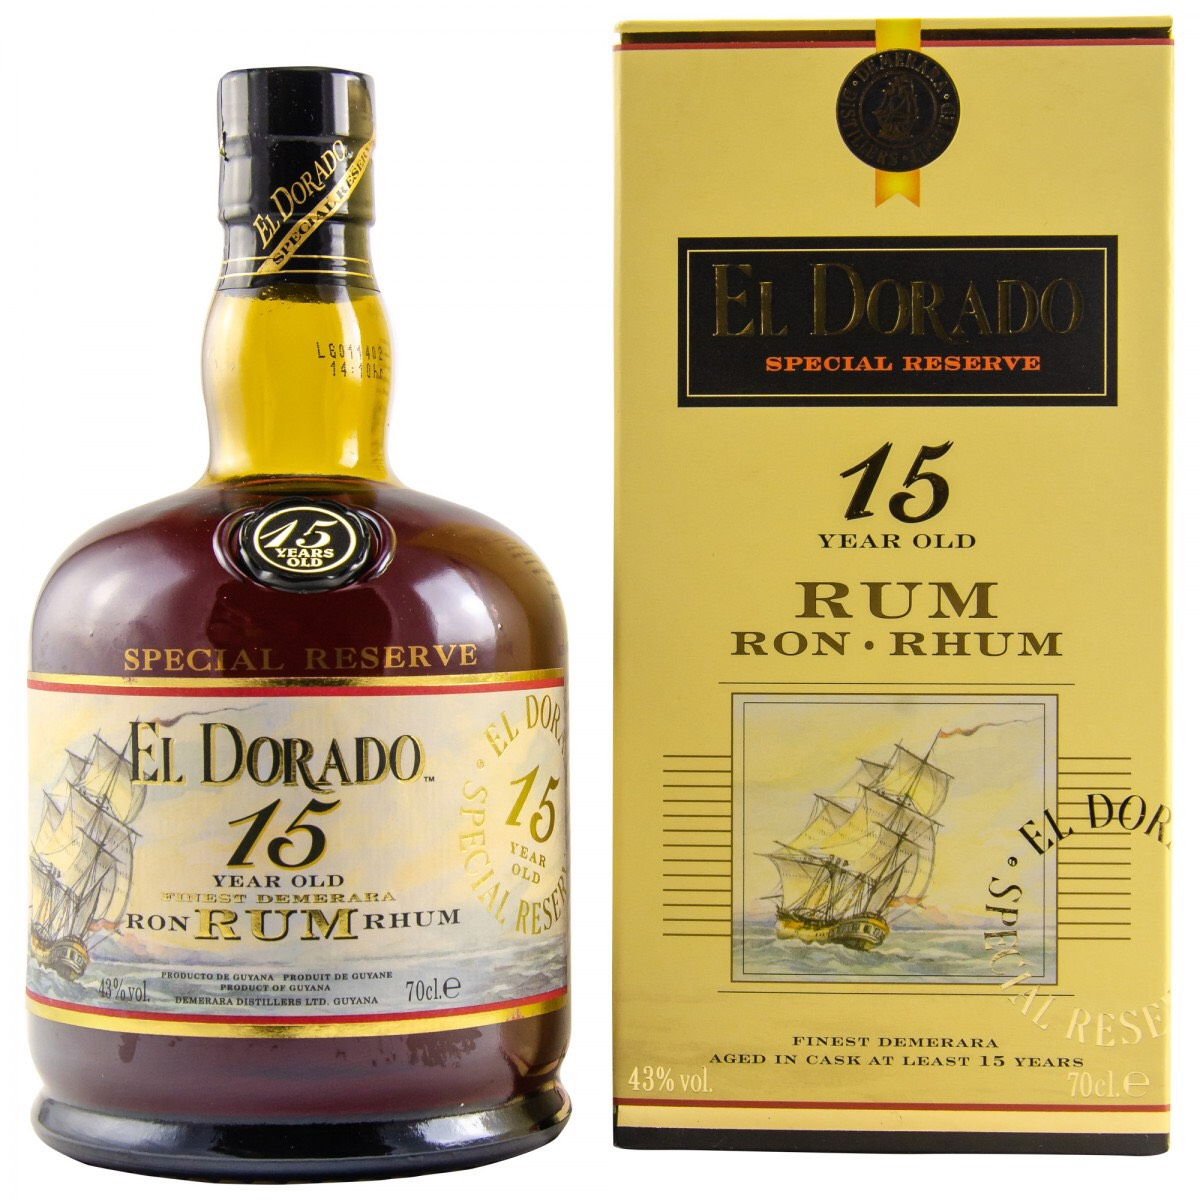 Bottle image of El Dorado 15